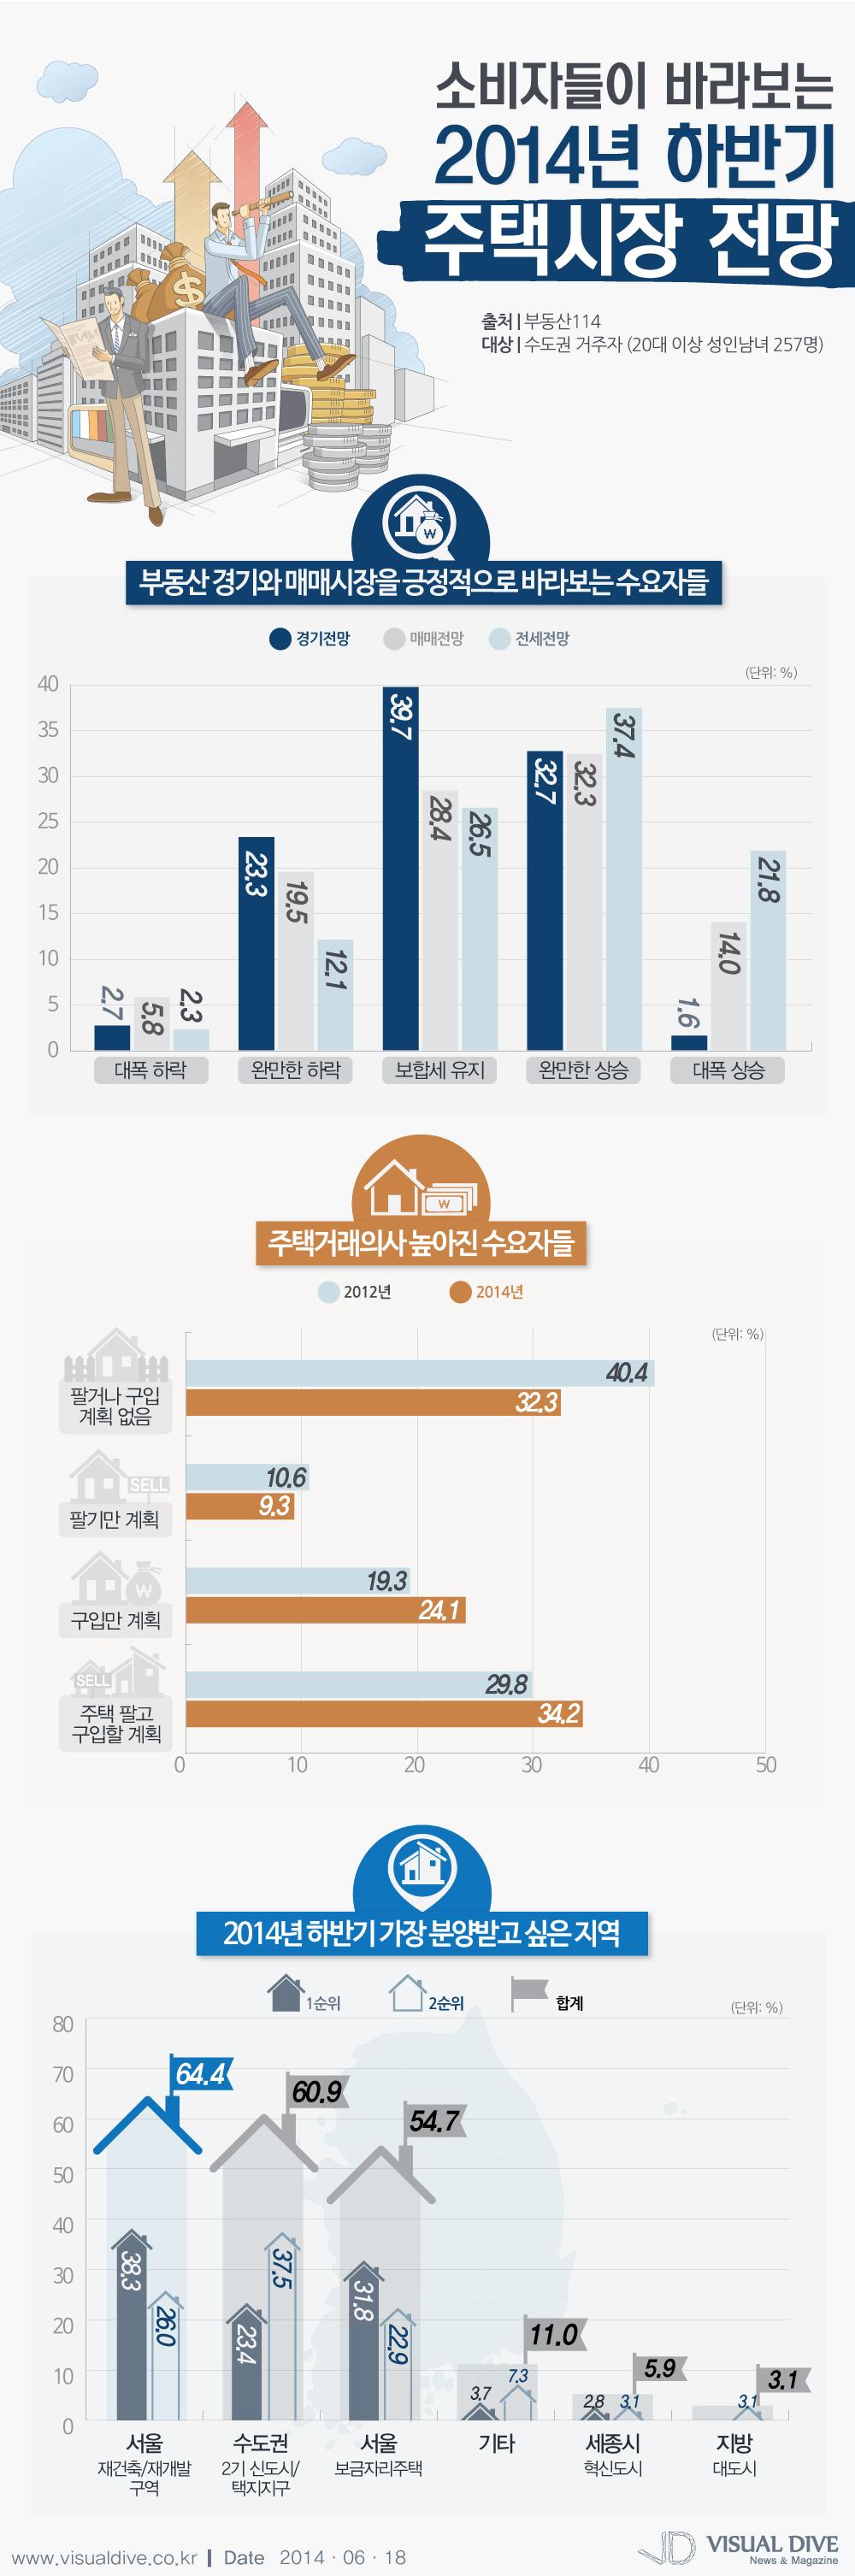 소비자들이 바라보는 올 하반기 주택시장 전망…주택거래의사 높아져 [인포그래픽] #consumer / #Infographic ⓒ 비주얼다이브 무단 복사·전재·재배포 금지